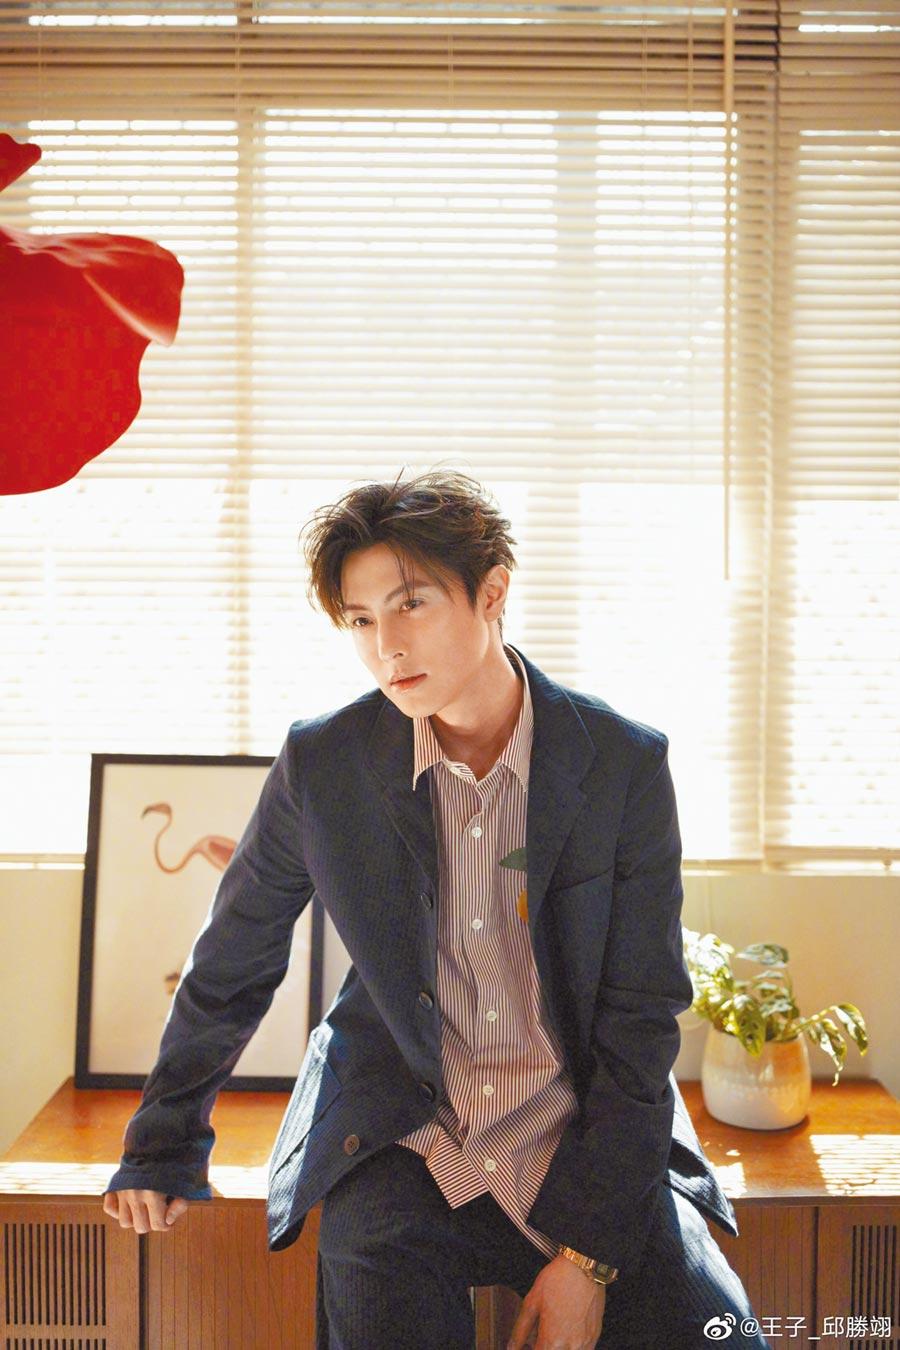 影視歌多棲的邱勝翊(王子)昨宣布正式加盟喜鵲娛樂。(摘自微博)